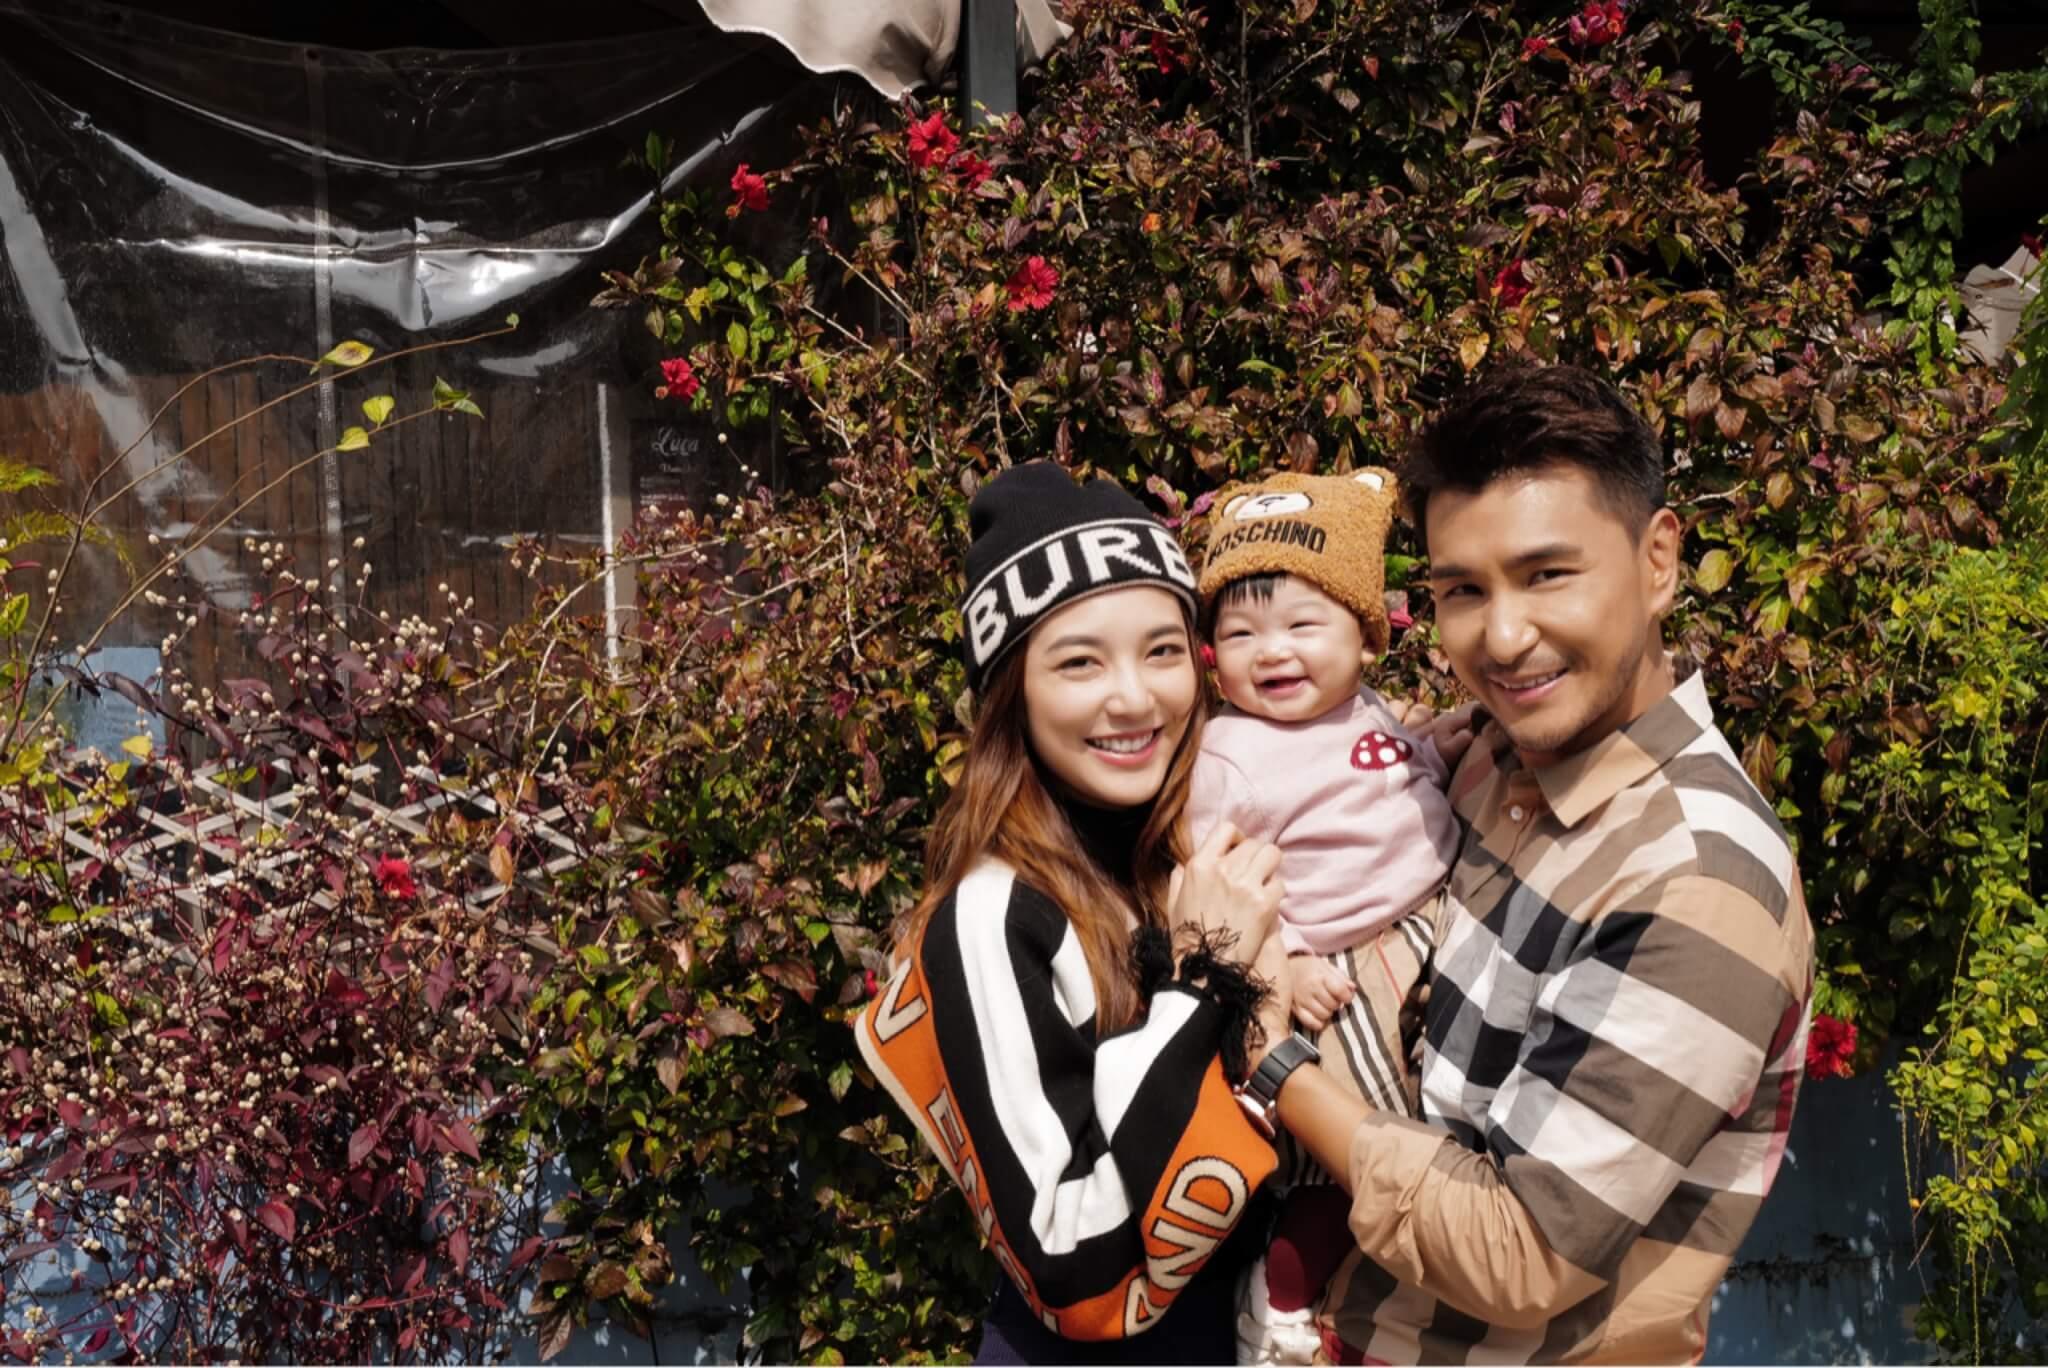 陳展鵬慶幸今年農曆新年前完成拍劇工作,可以一家三口一起過年。